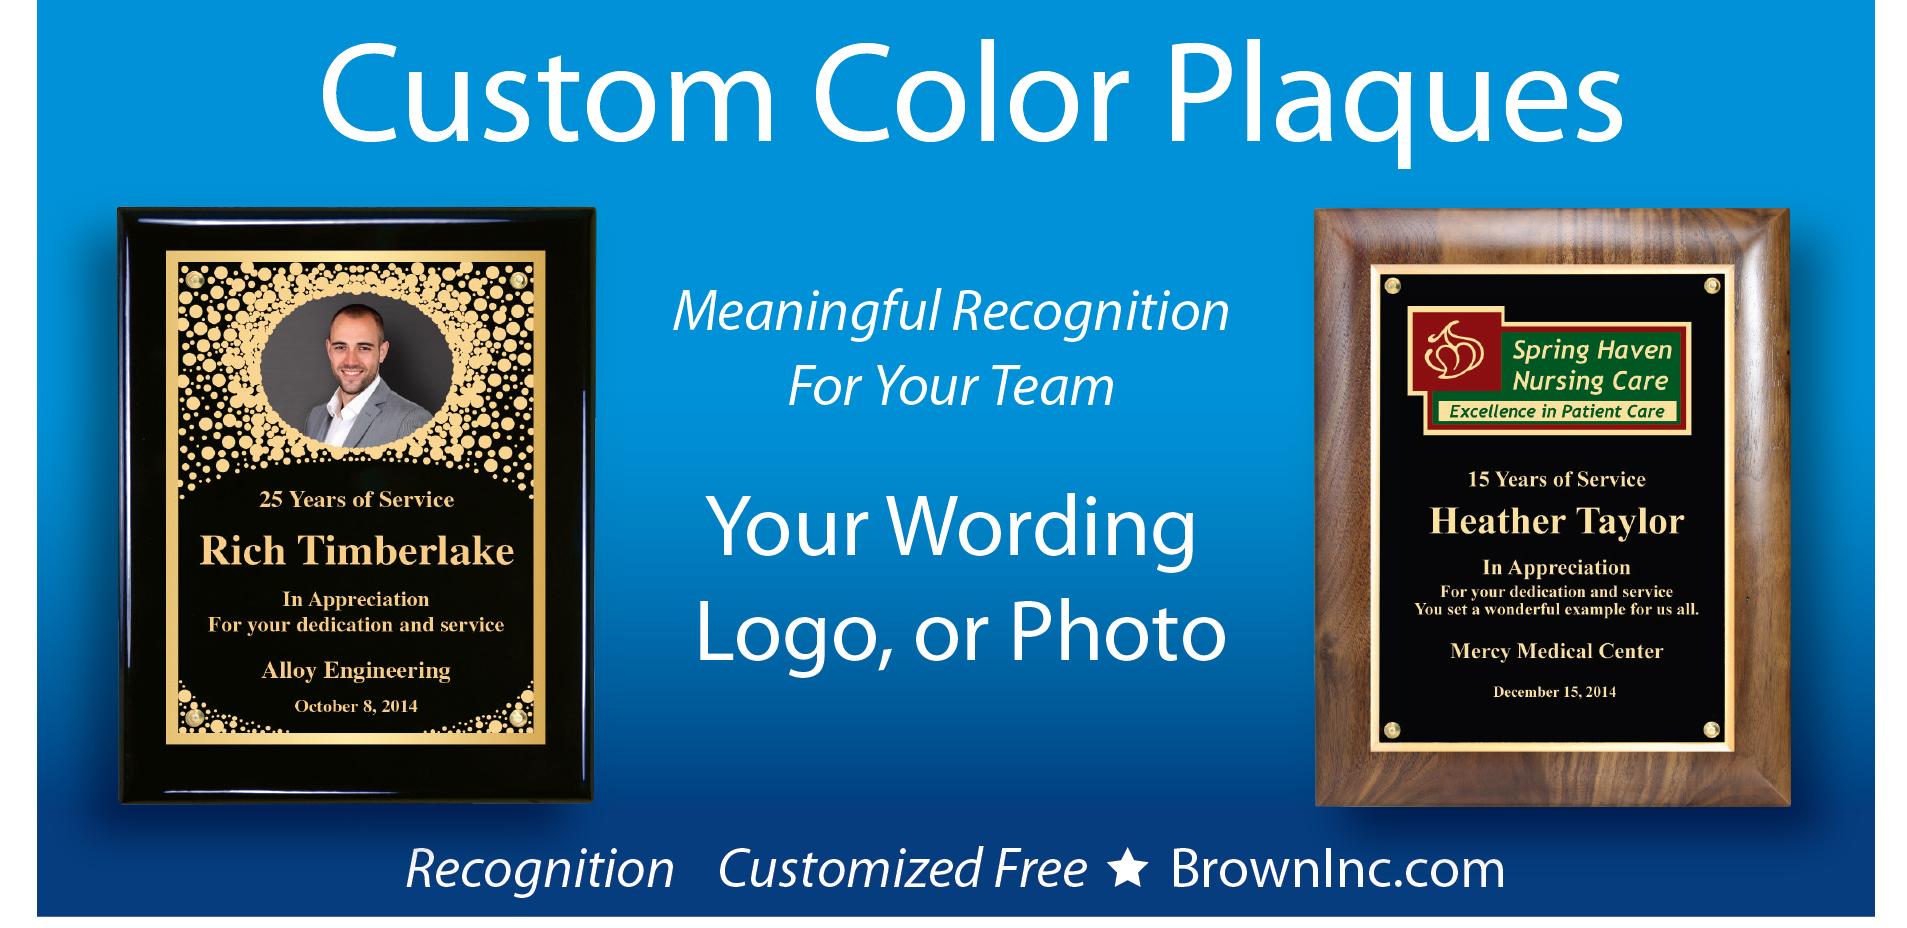 Custom Color Plaques